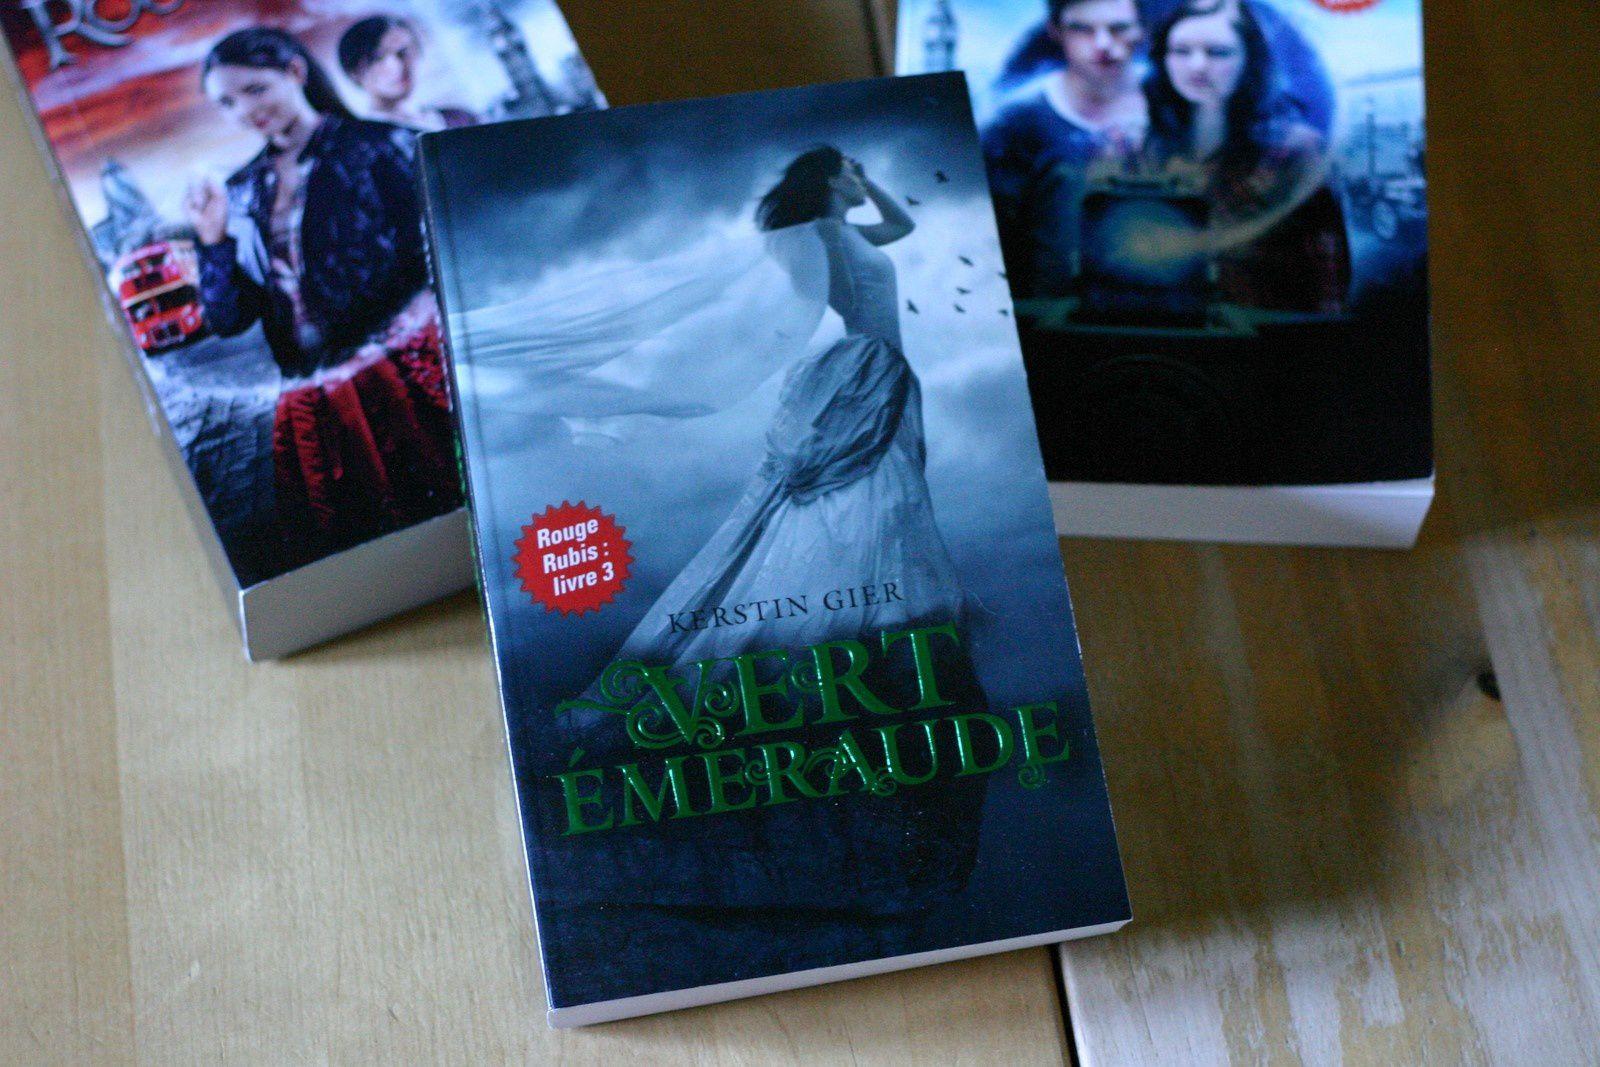 Rouge Rubis, Bleu Saphir et Vert Emeraude - Kerstin Gier